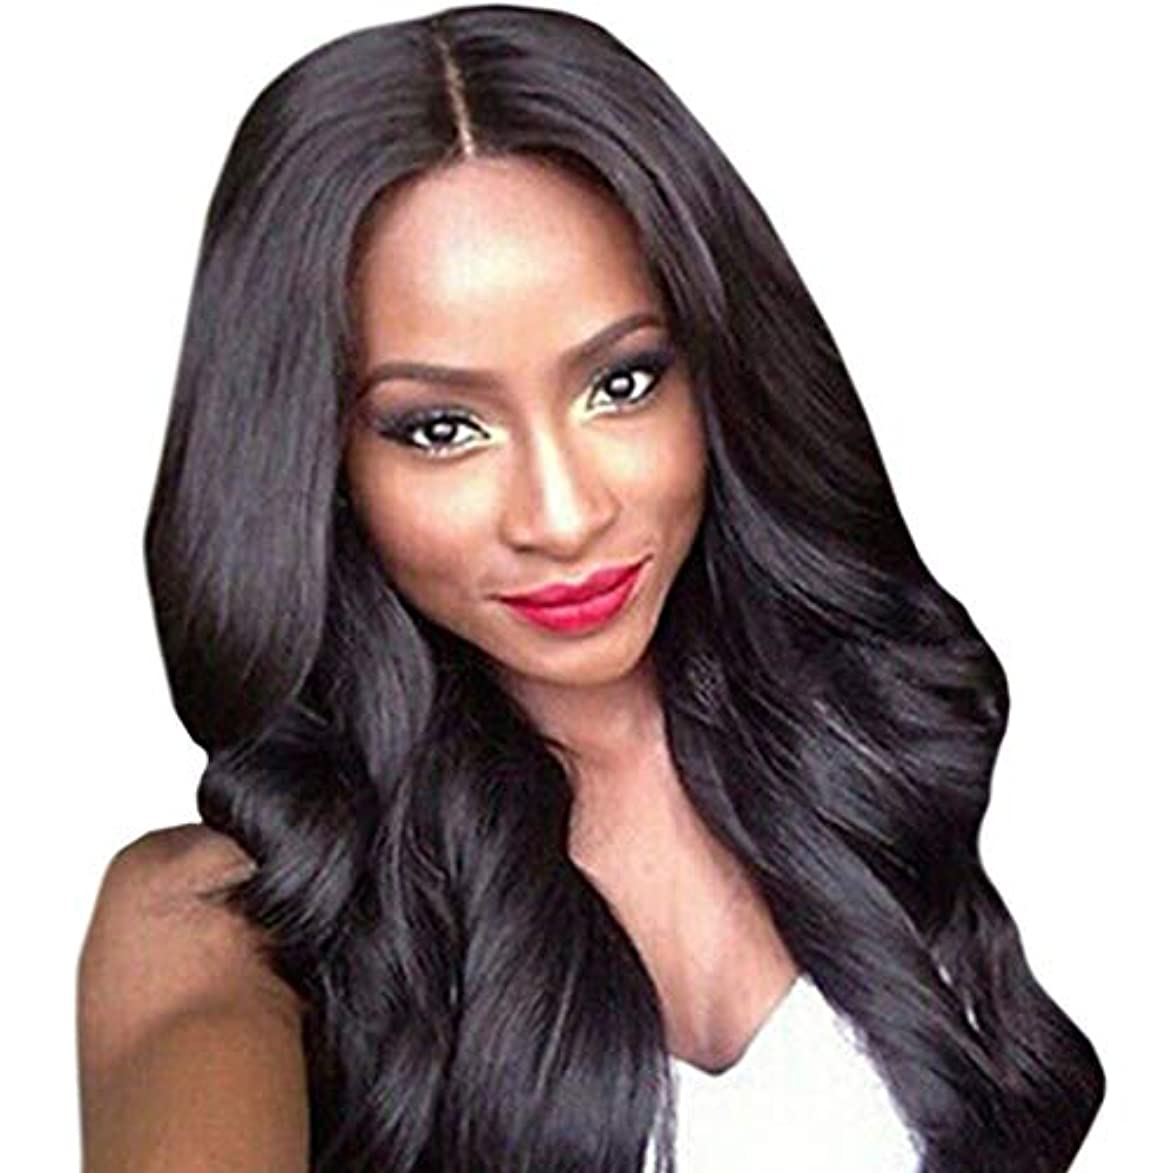 皮肉な工夫する工夫するKerwinner 前髪と高温シルクの長い巻き毛女性のための人工毛